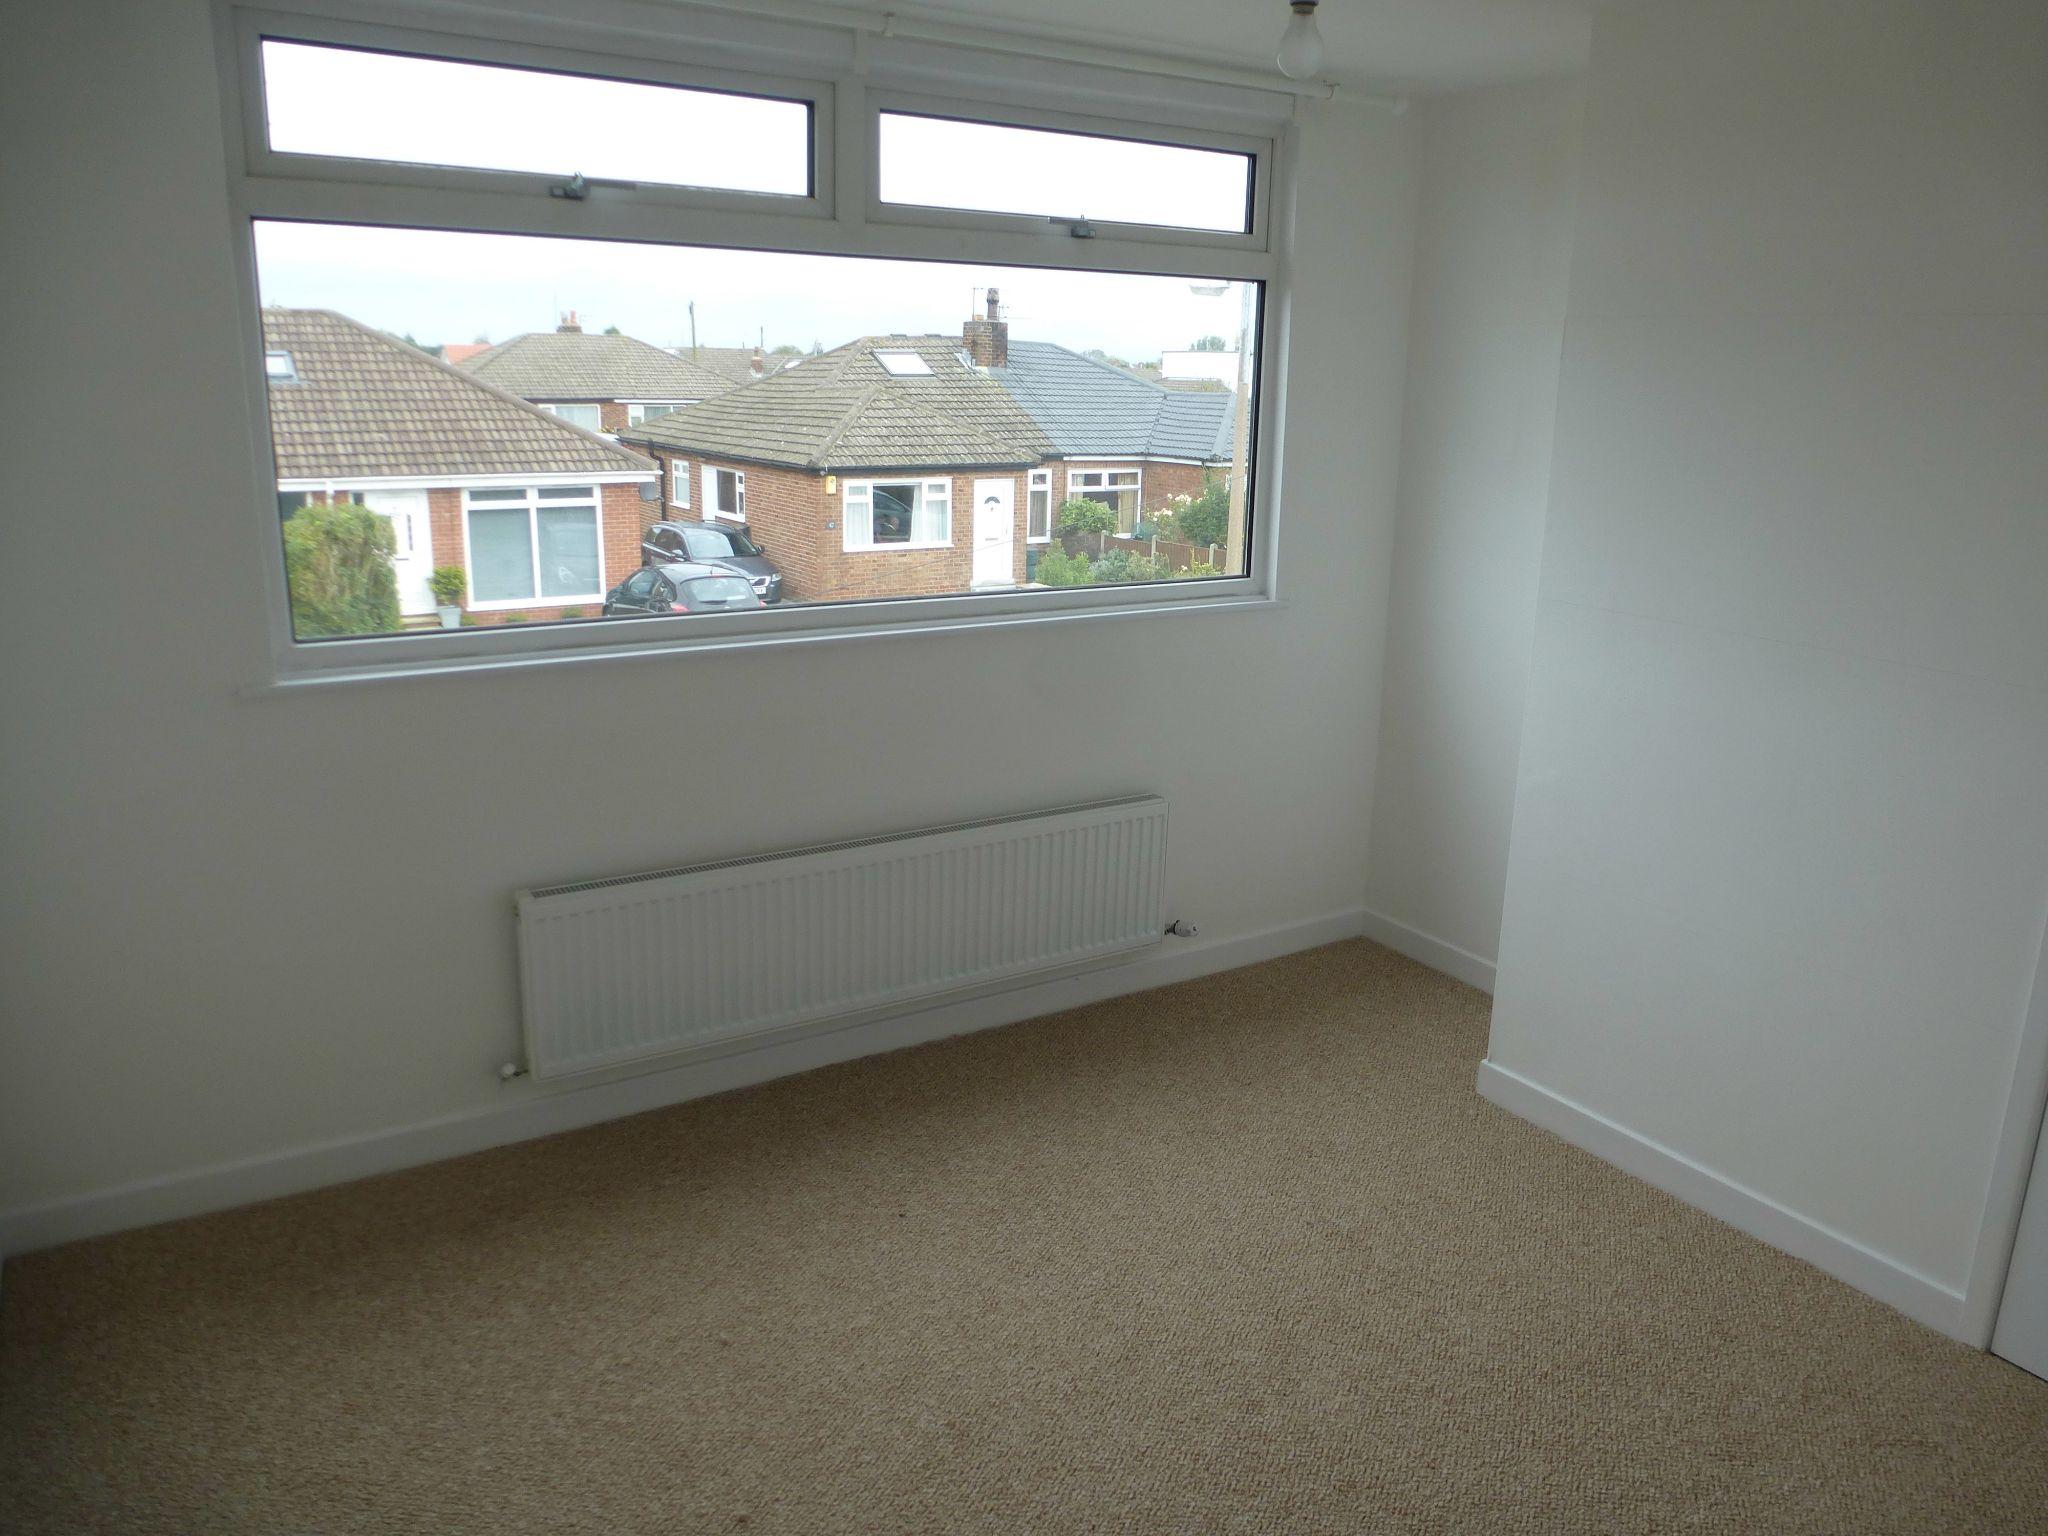 3 bedroom semi-detached bungalow To Let in Preston - Bedroom 2